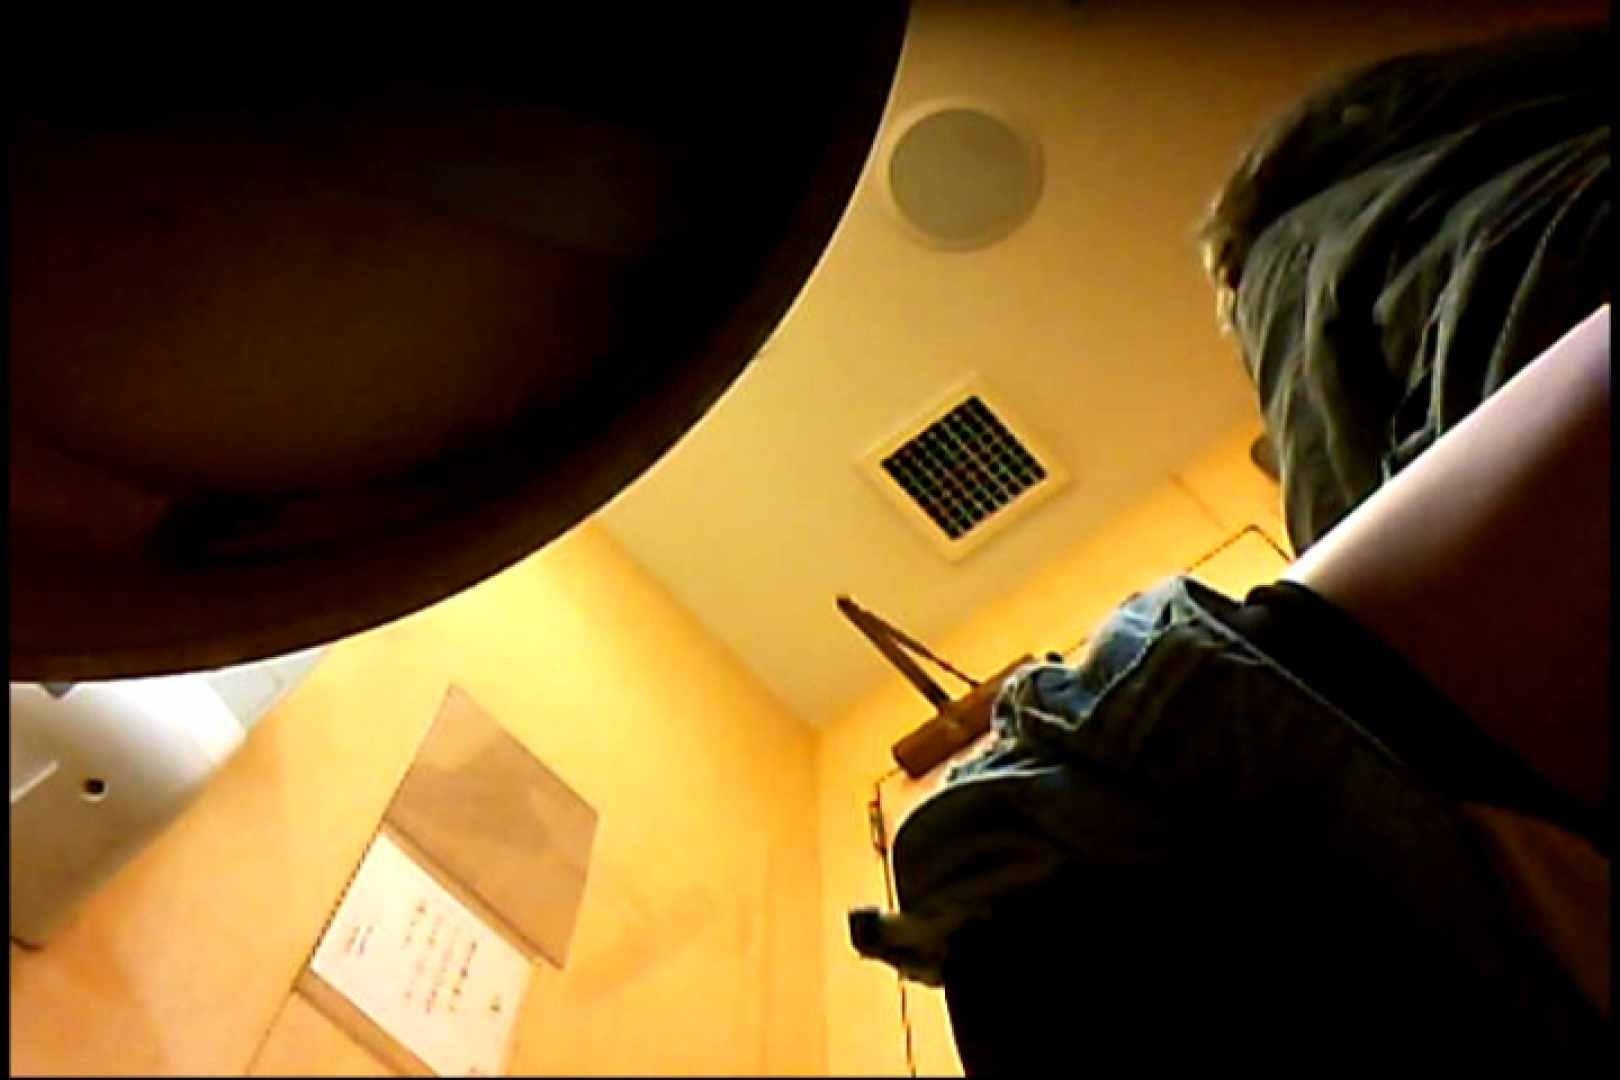 画質向上!新亀さん厠 vol.37 厠 盗み撮りSEX無修正画像 94連発 71